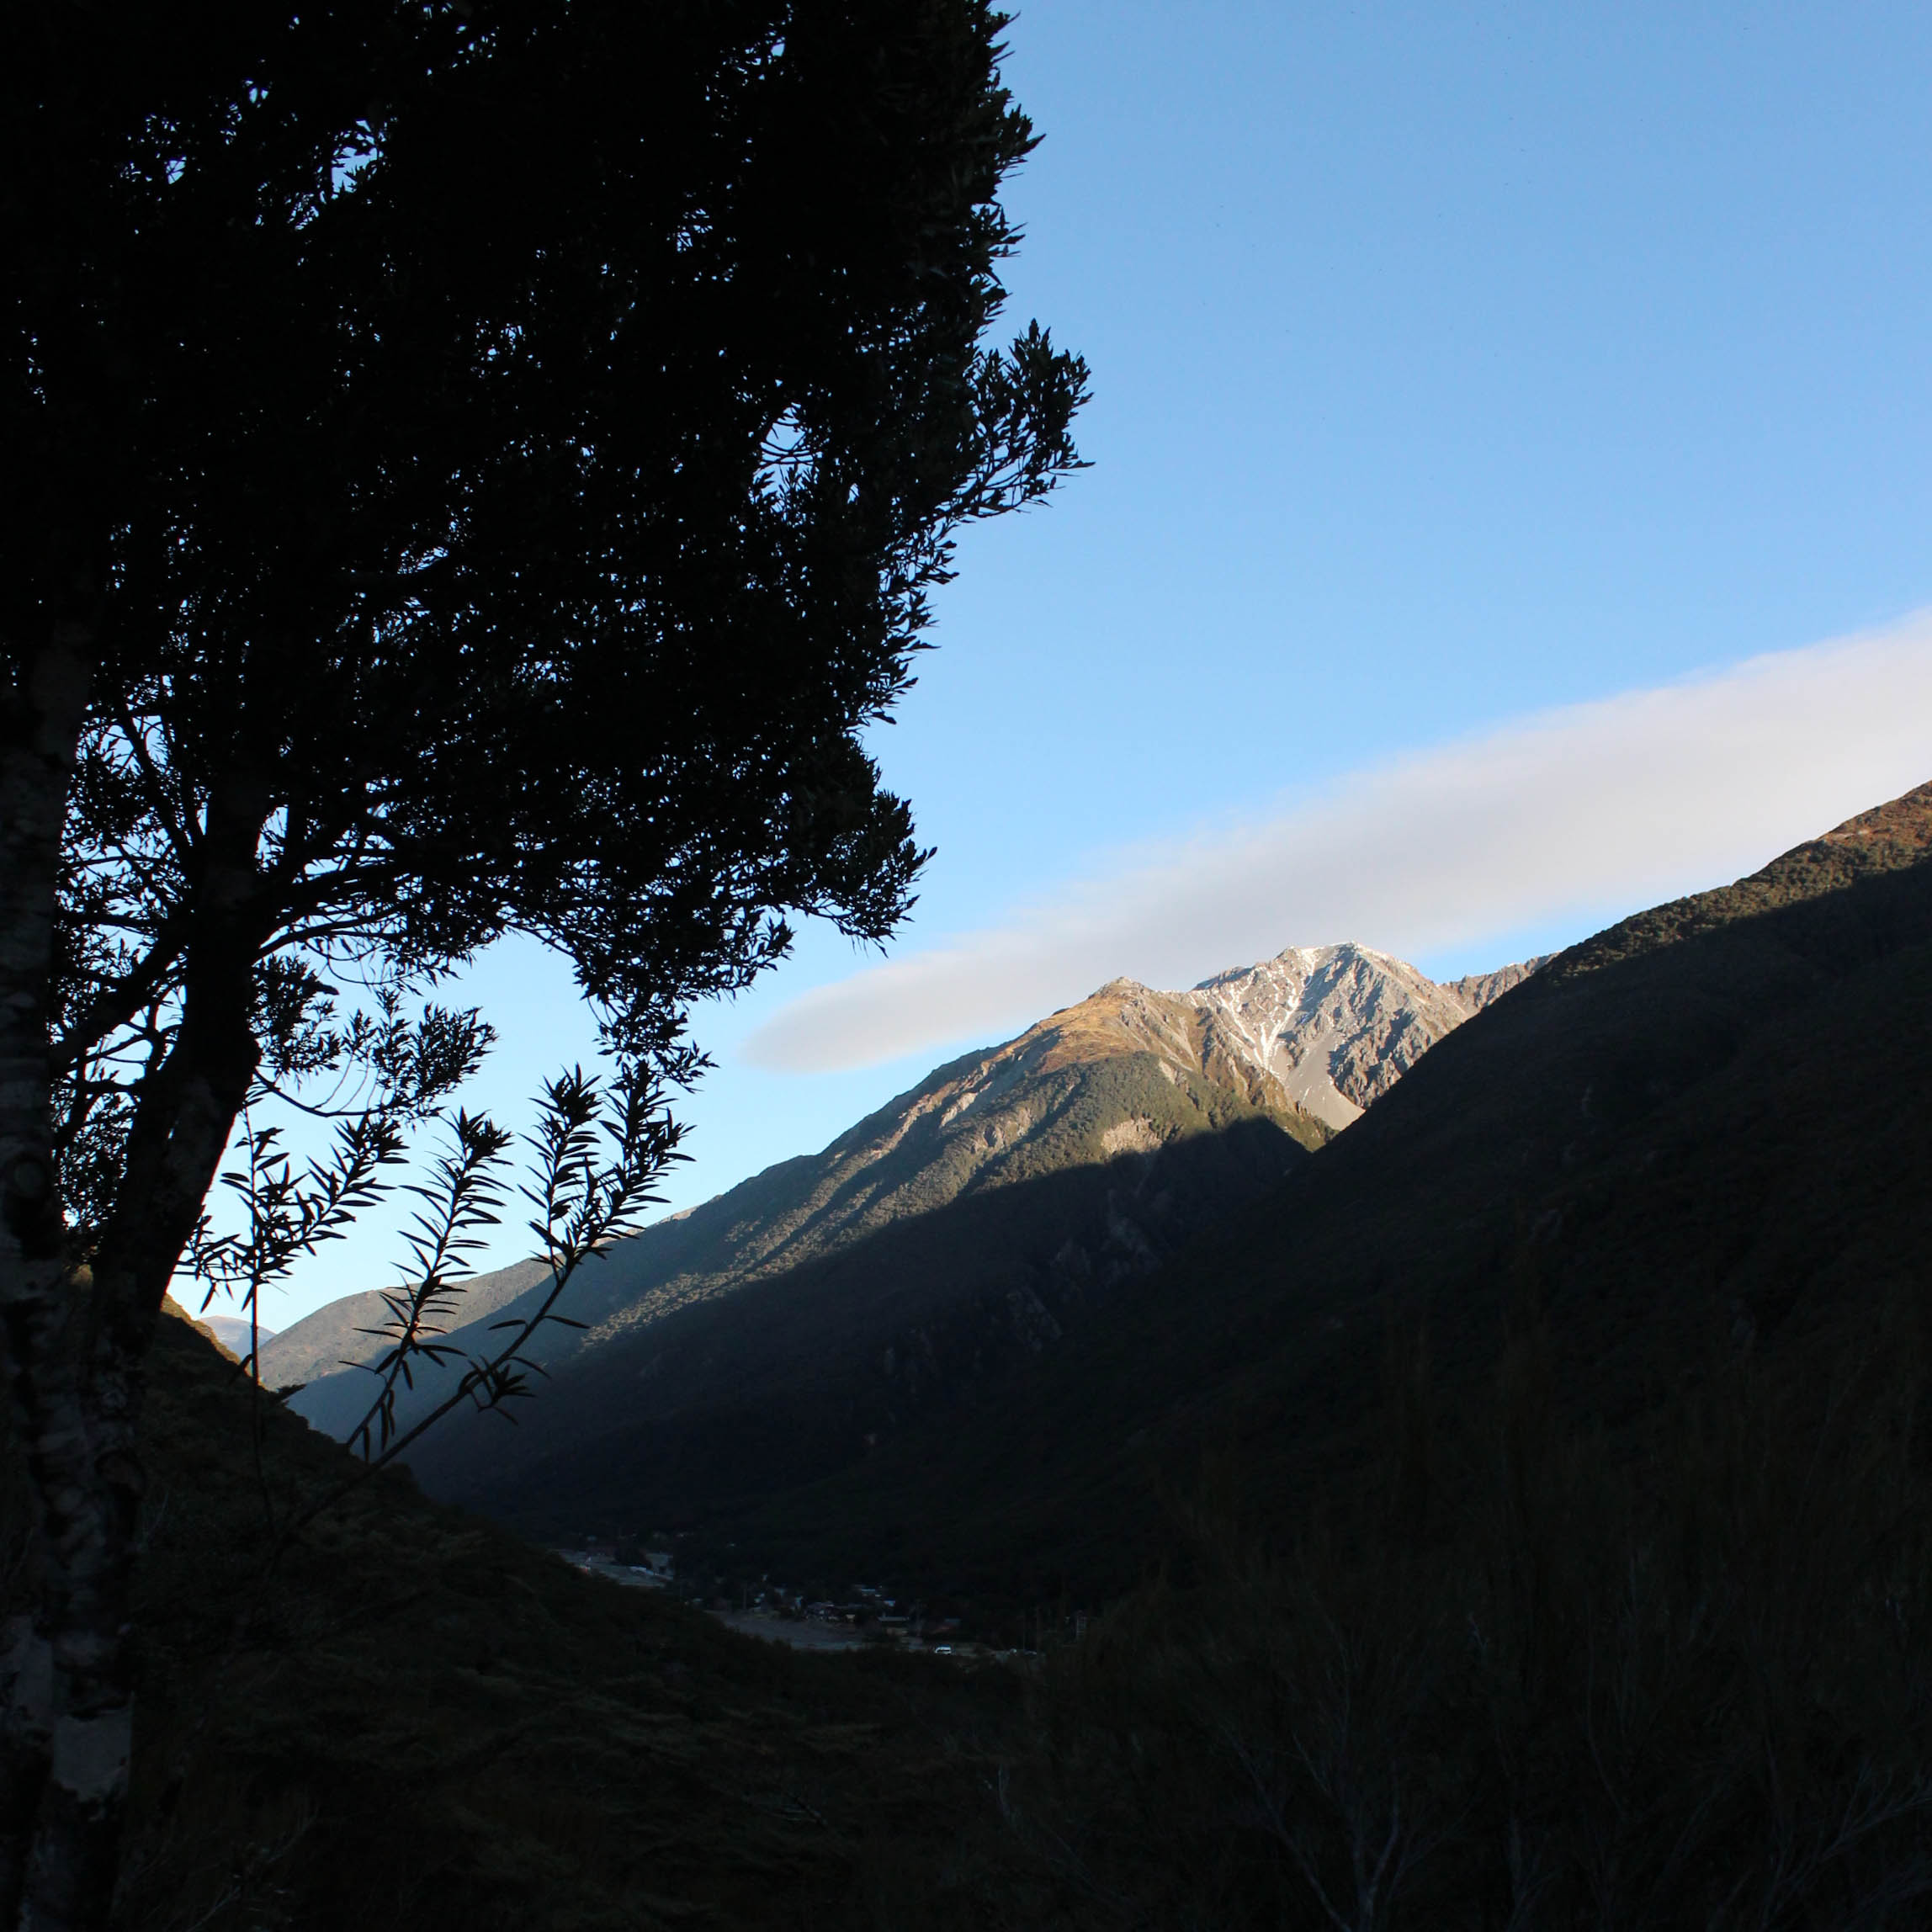 Nouvelle Zélande - Greymouth et Arthur's pass - les lubies de louise (18 sur 21)